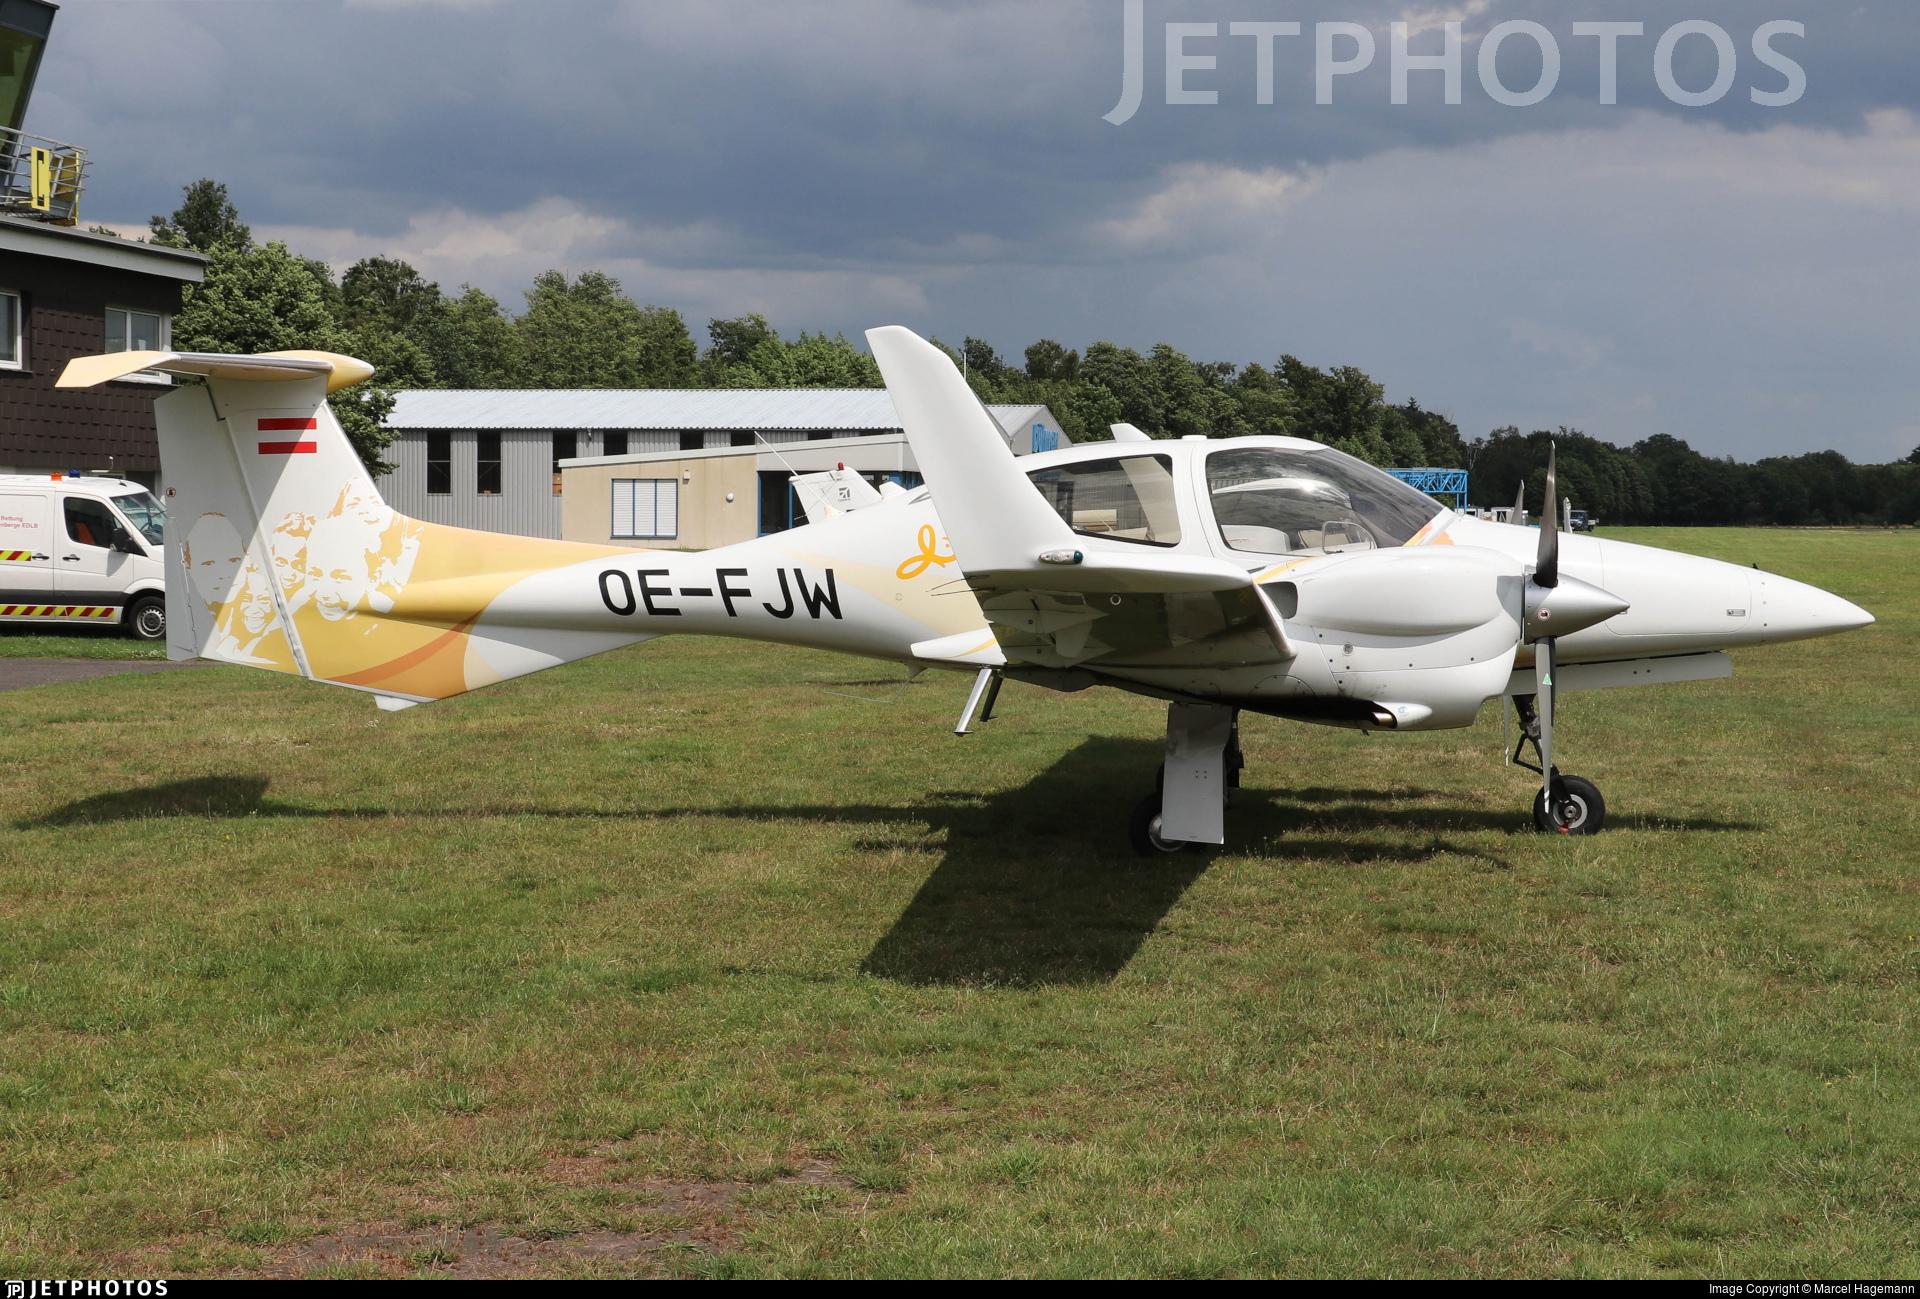 OE-FJW - Diamond DA-42 Twin Star - Private